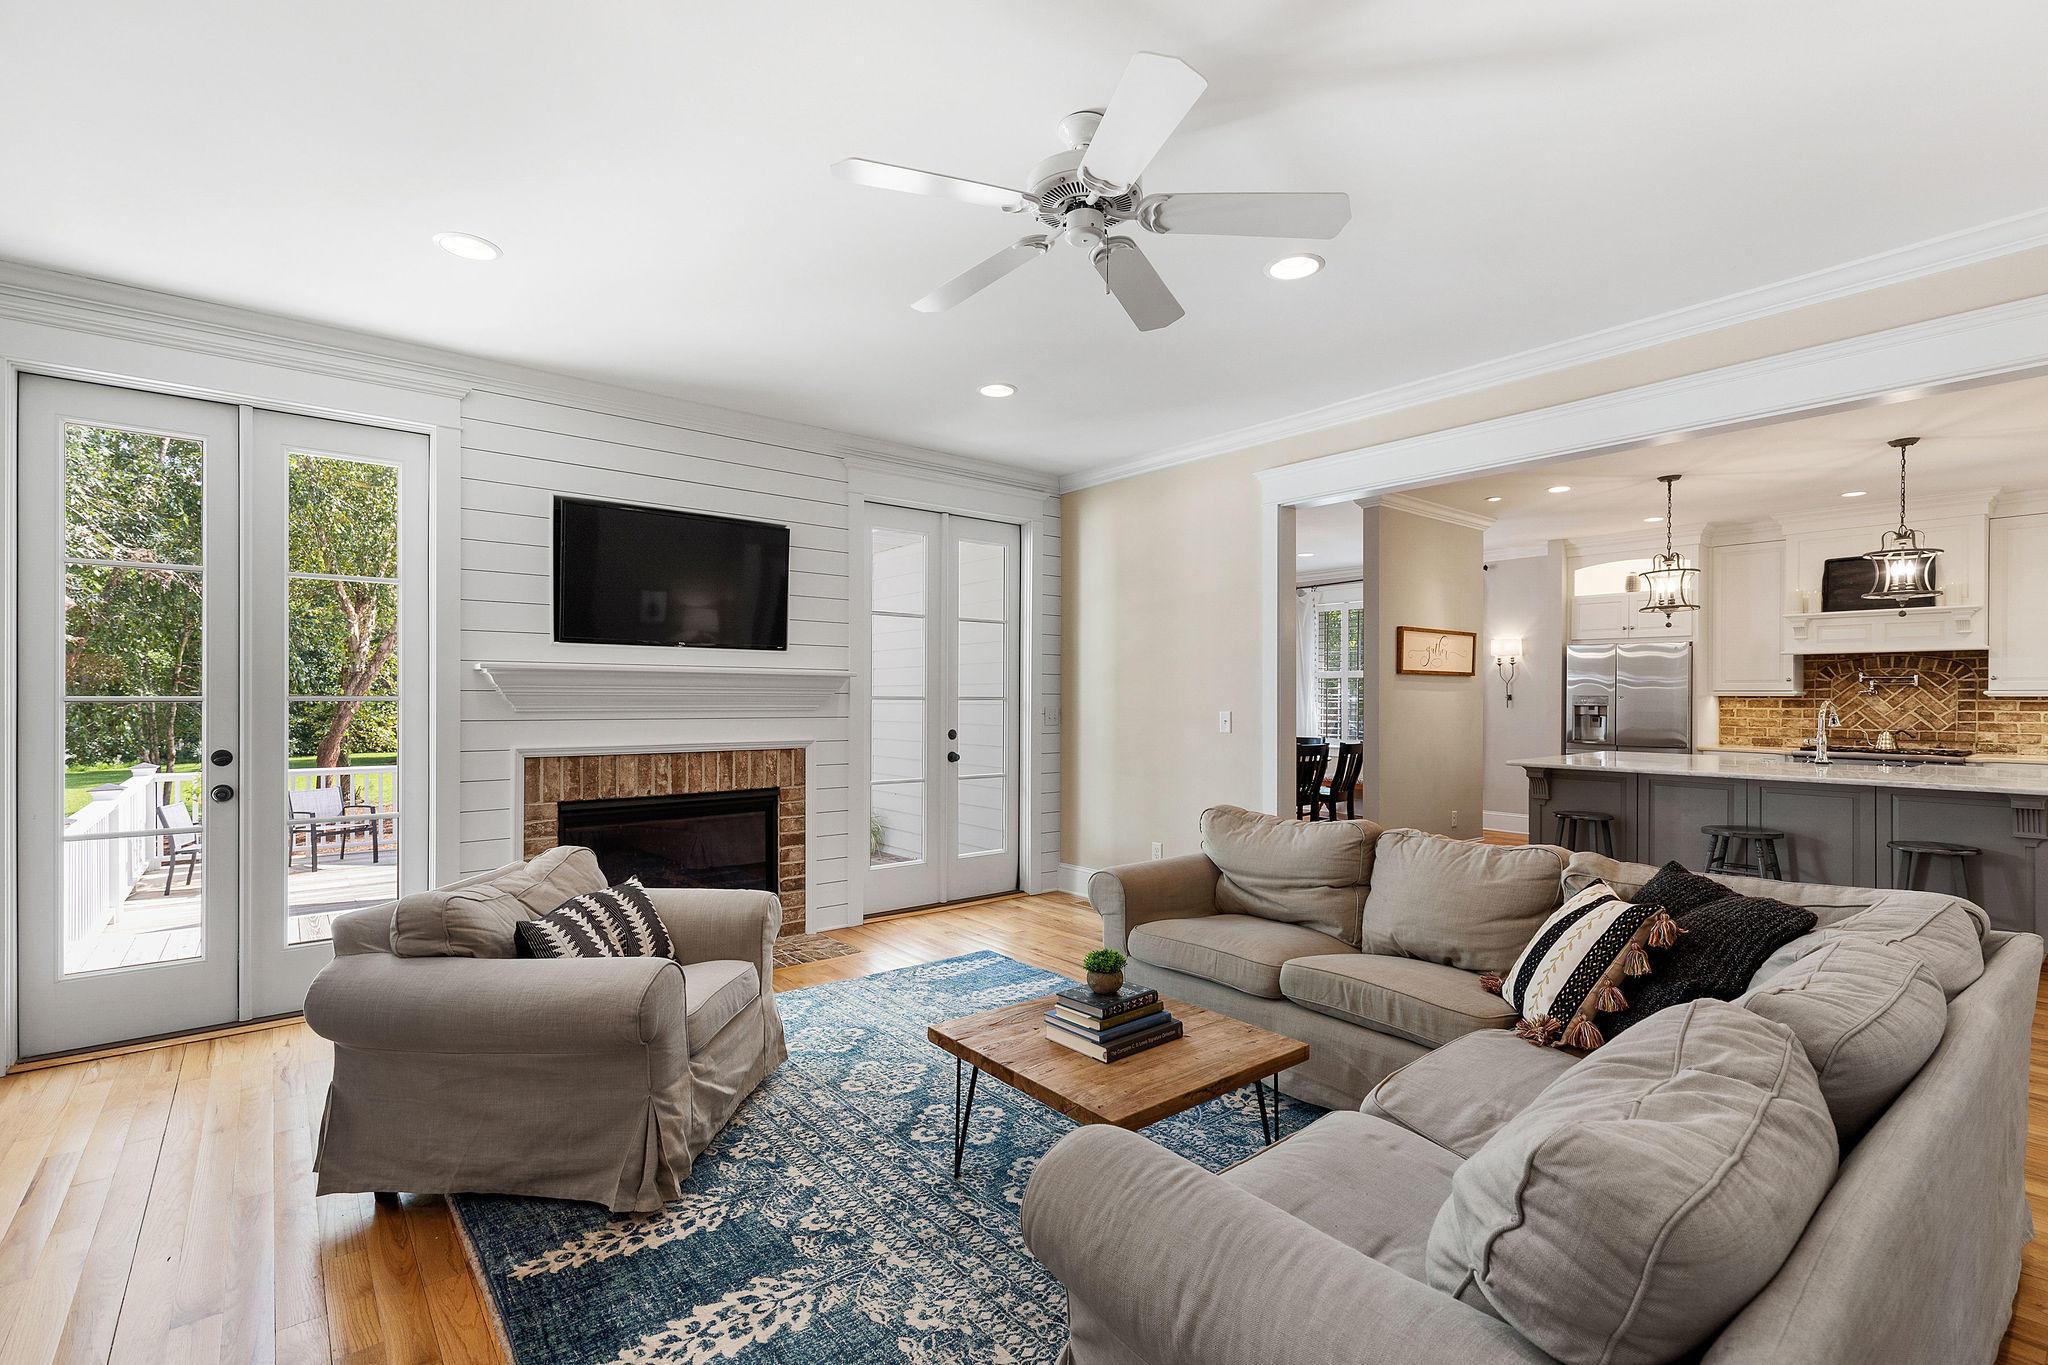 Dunes West Homes For Sale - 3201 Cottonfield, Mount Pleasant, SC - 36